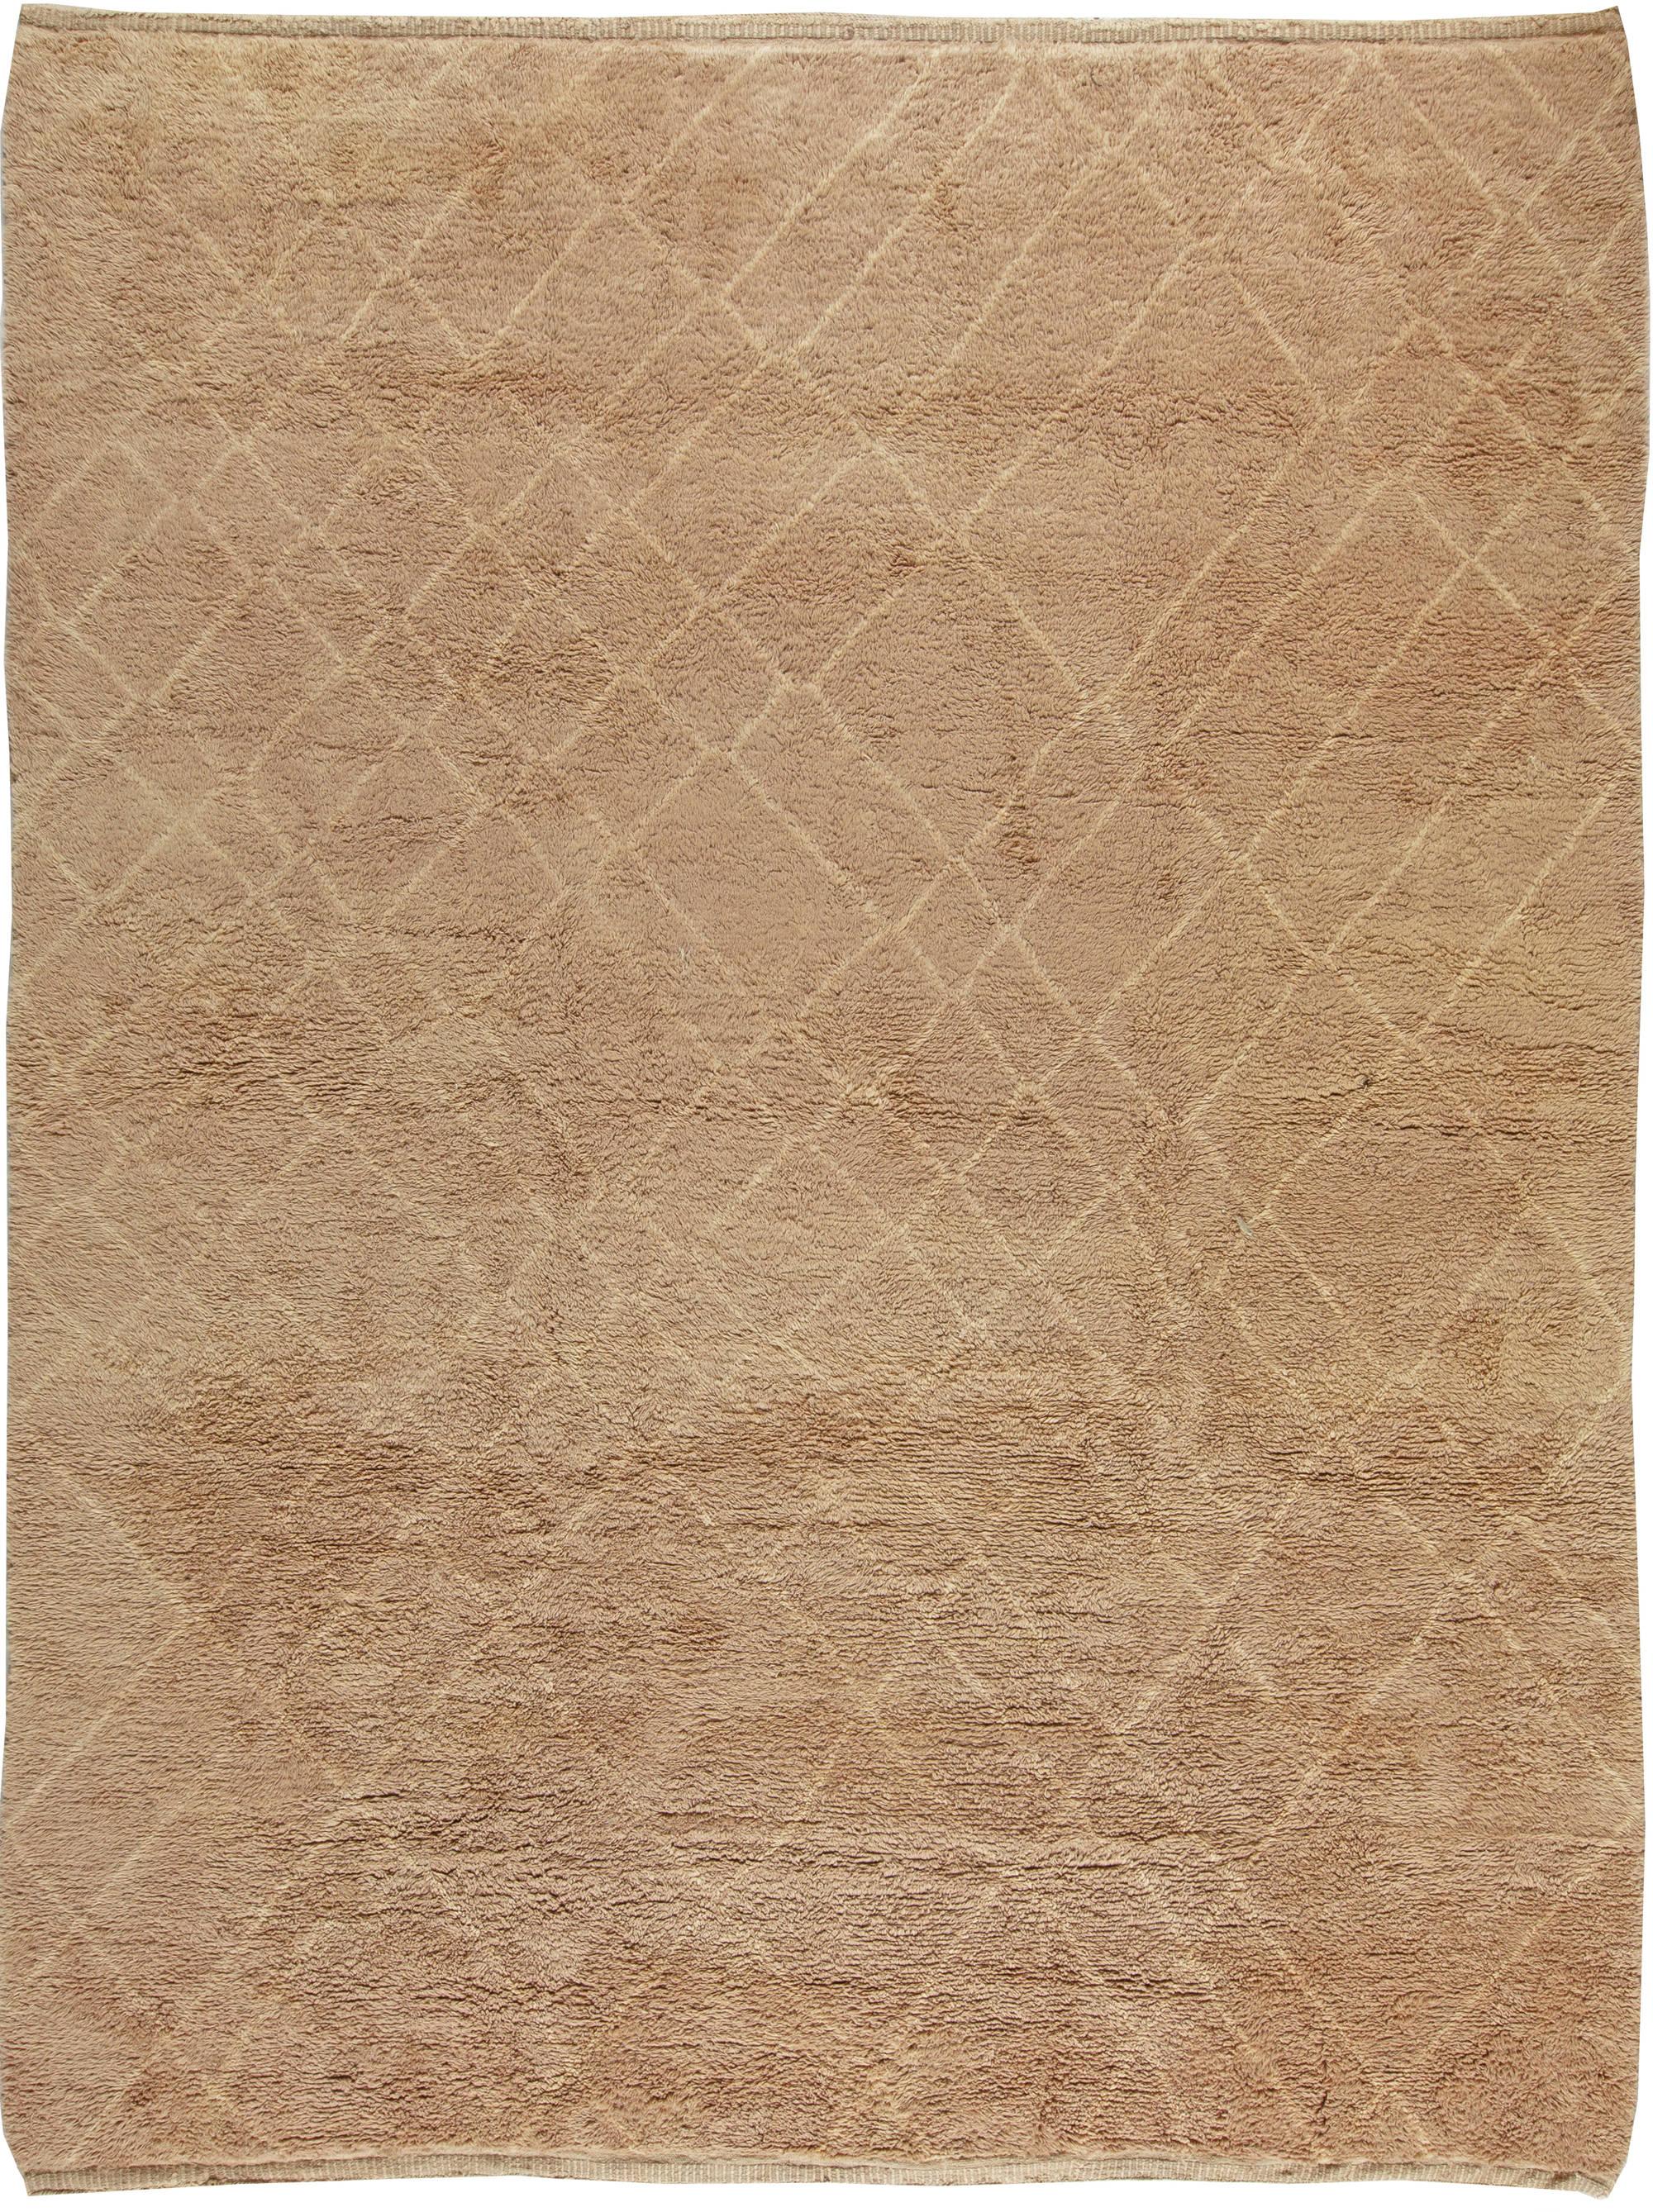 Contemporary Moroccan Rug N10895